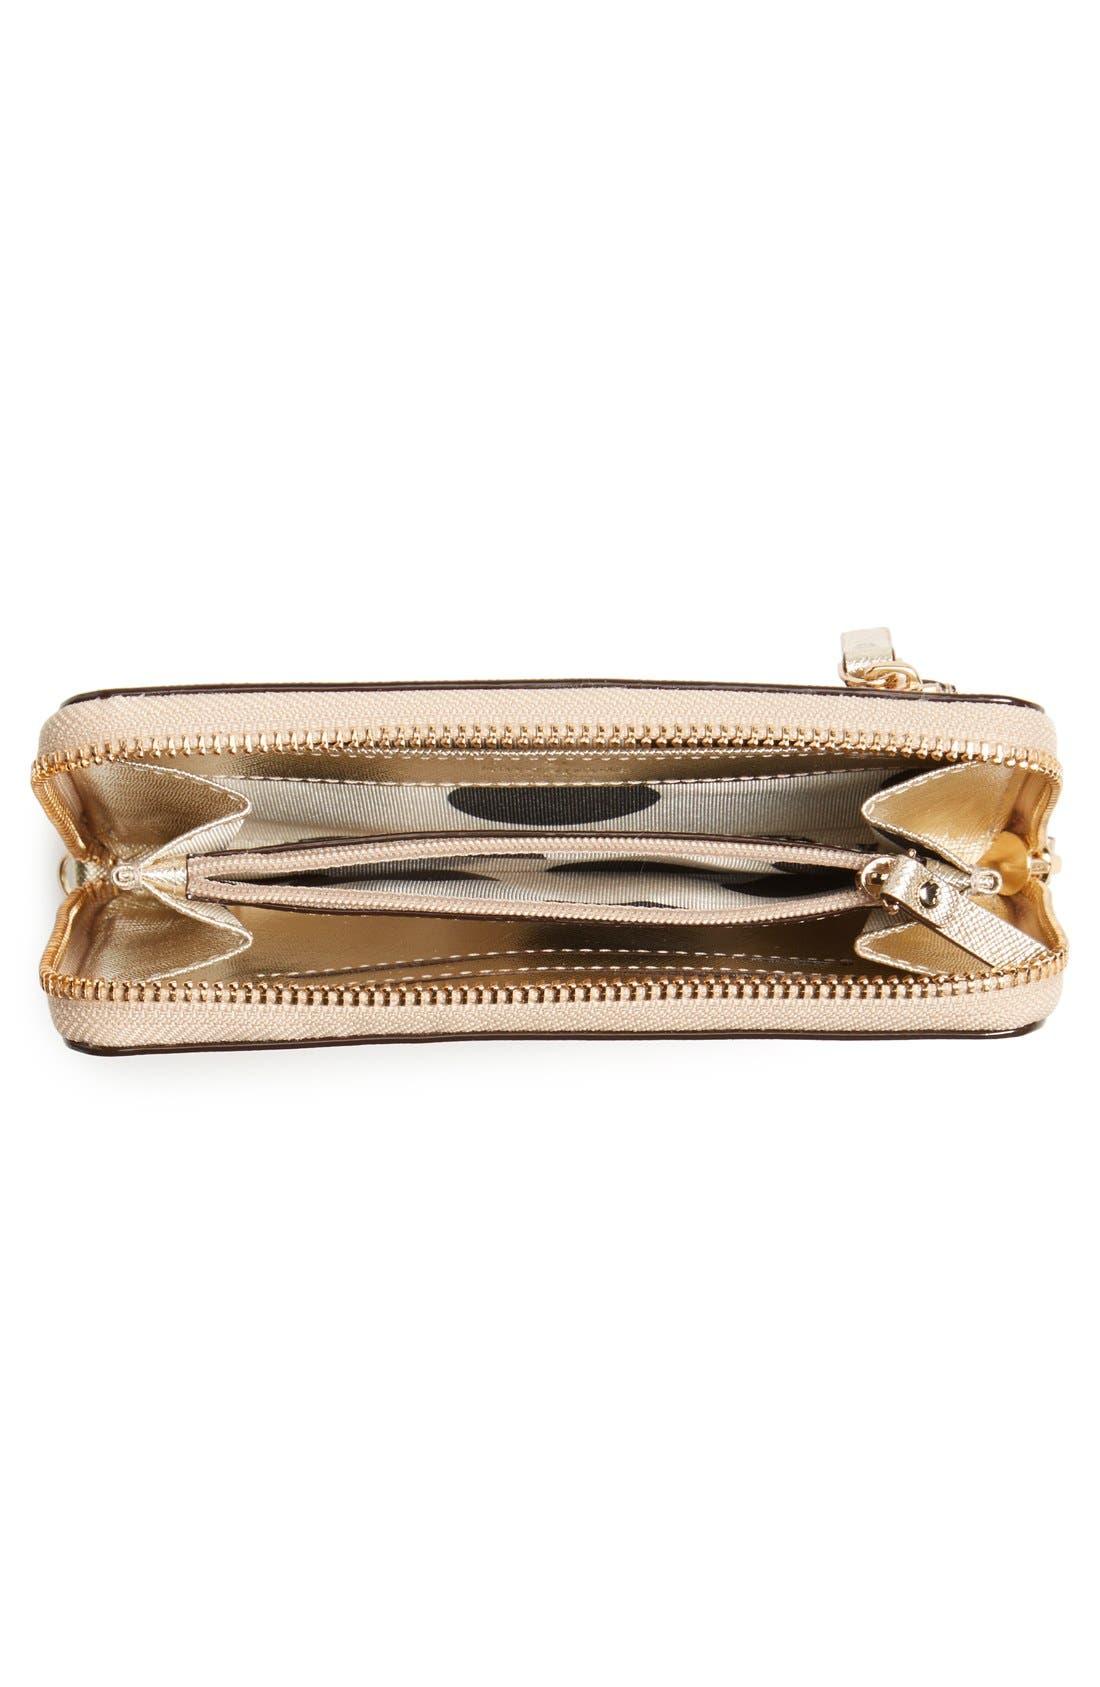 'cedar street - jordie' zip around leather wallet,                             Alternate thumbnail 2, color,                             Gold